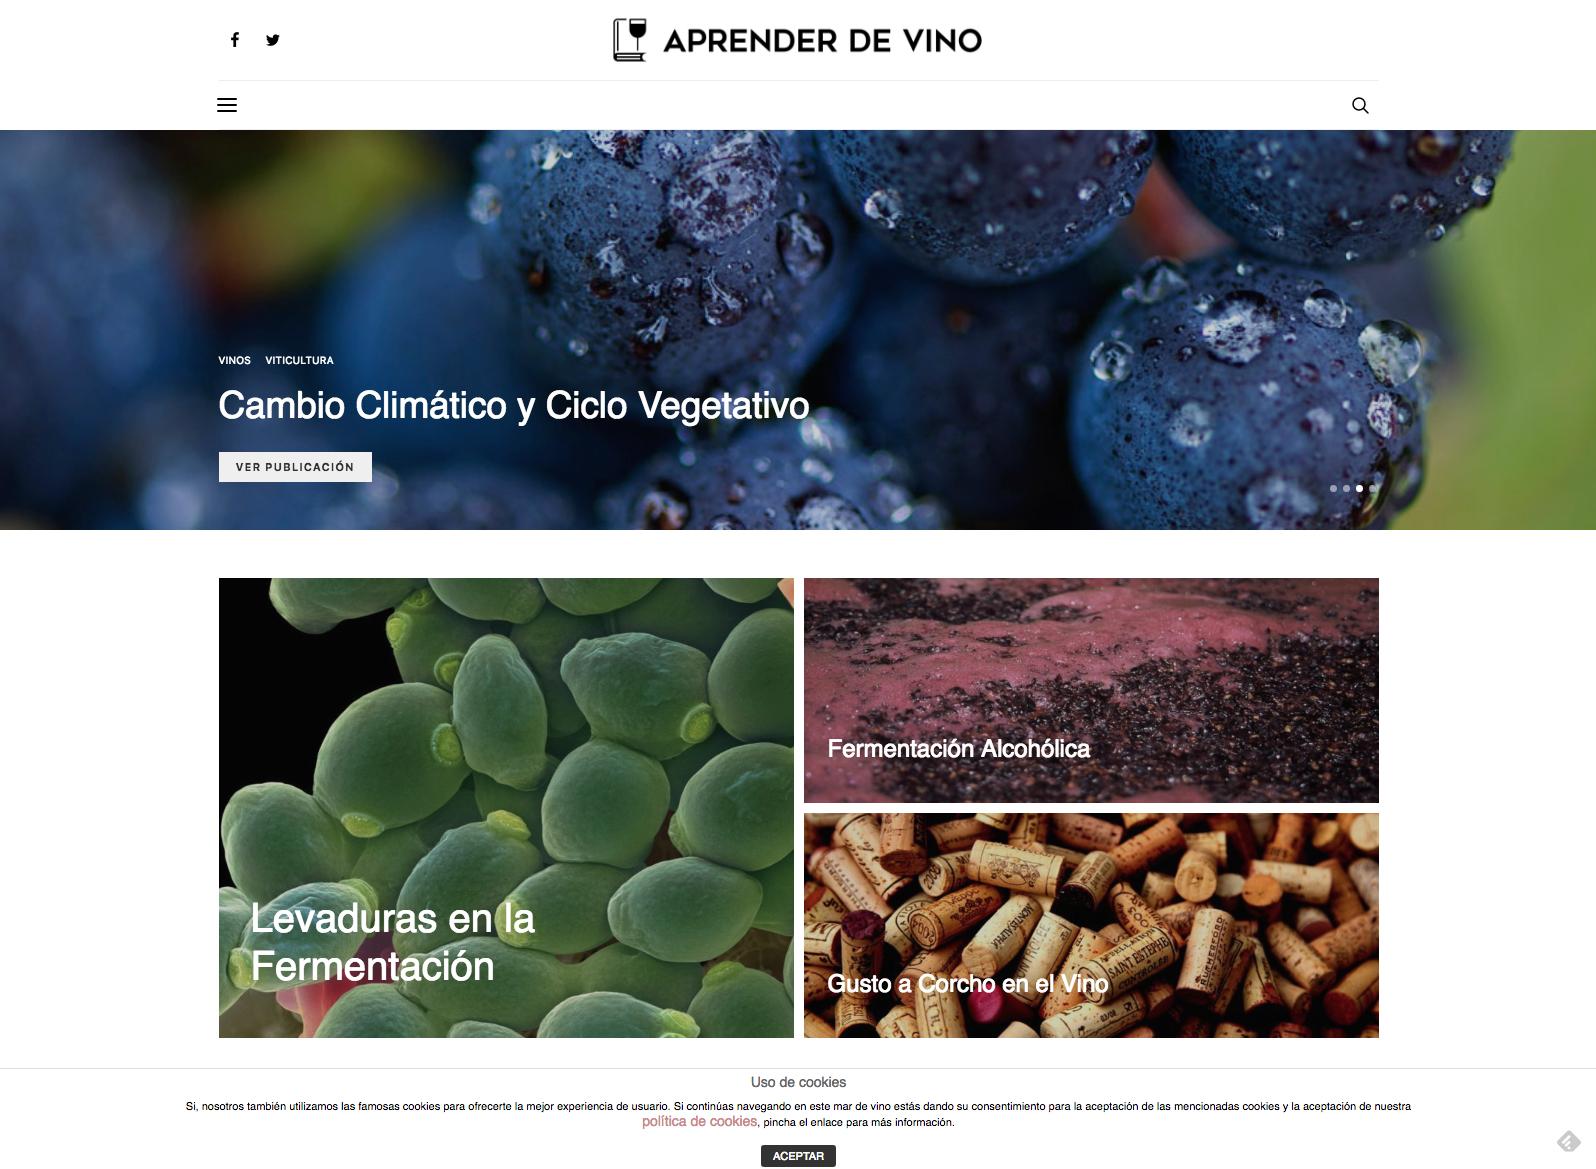 blogs aprender de vino